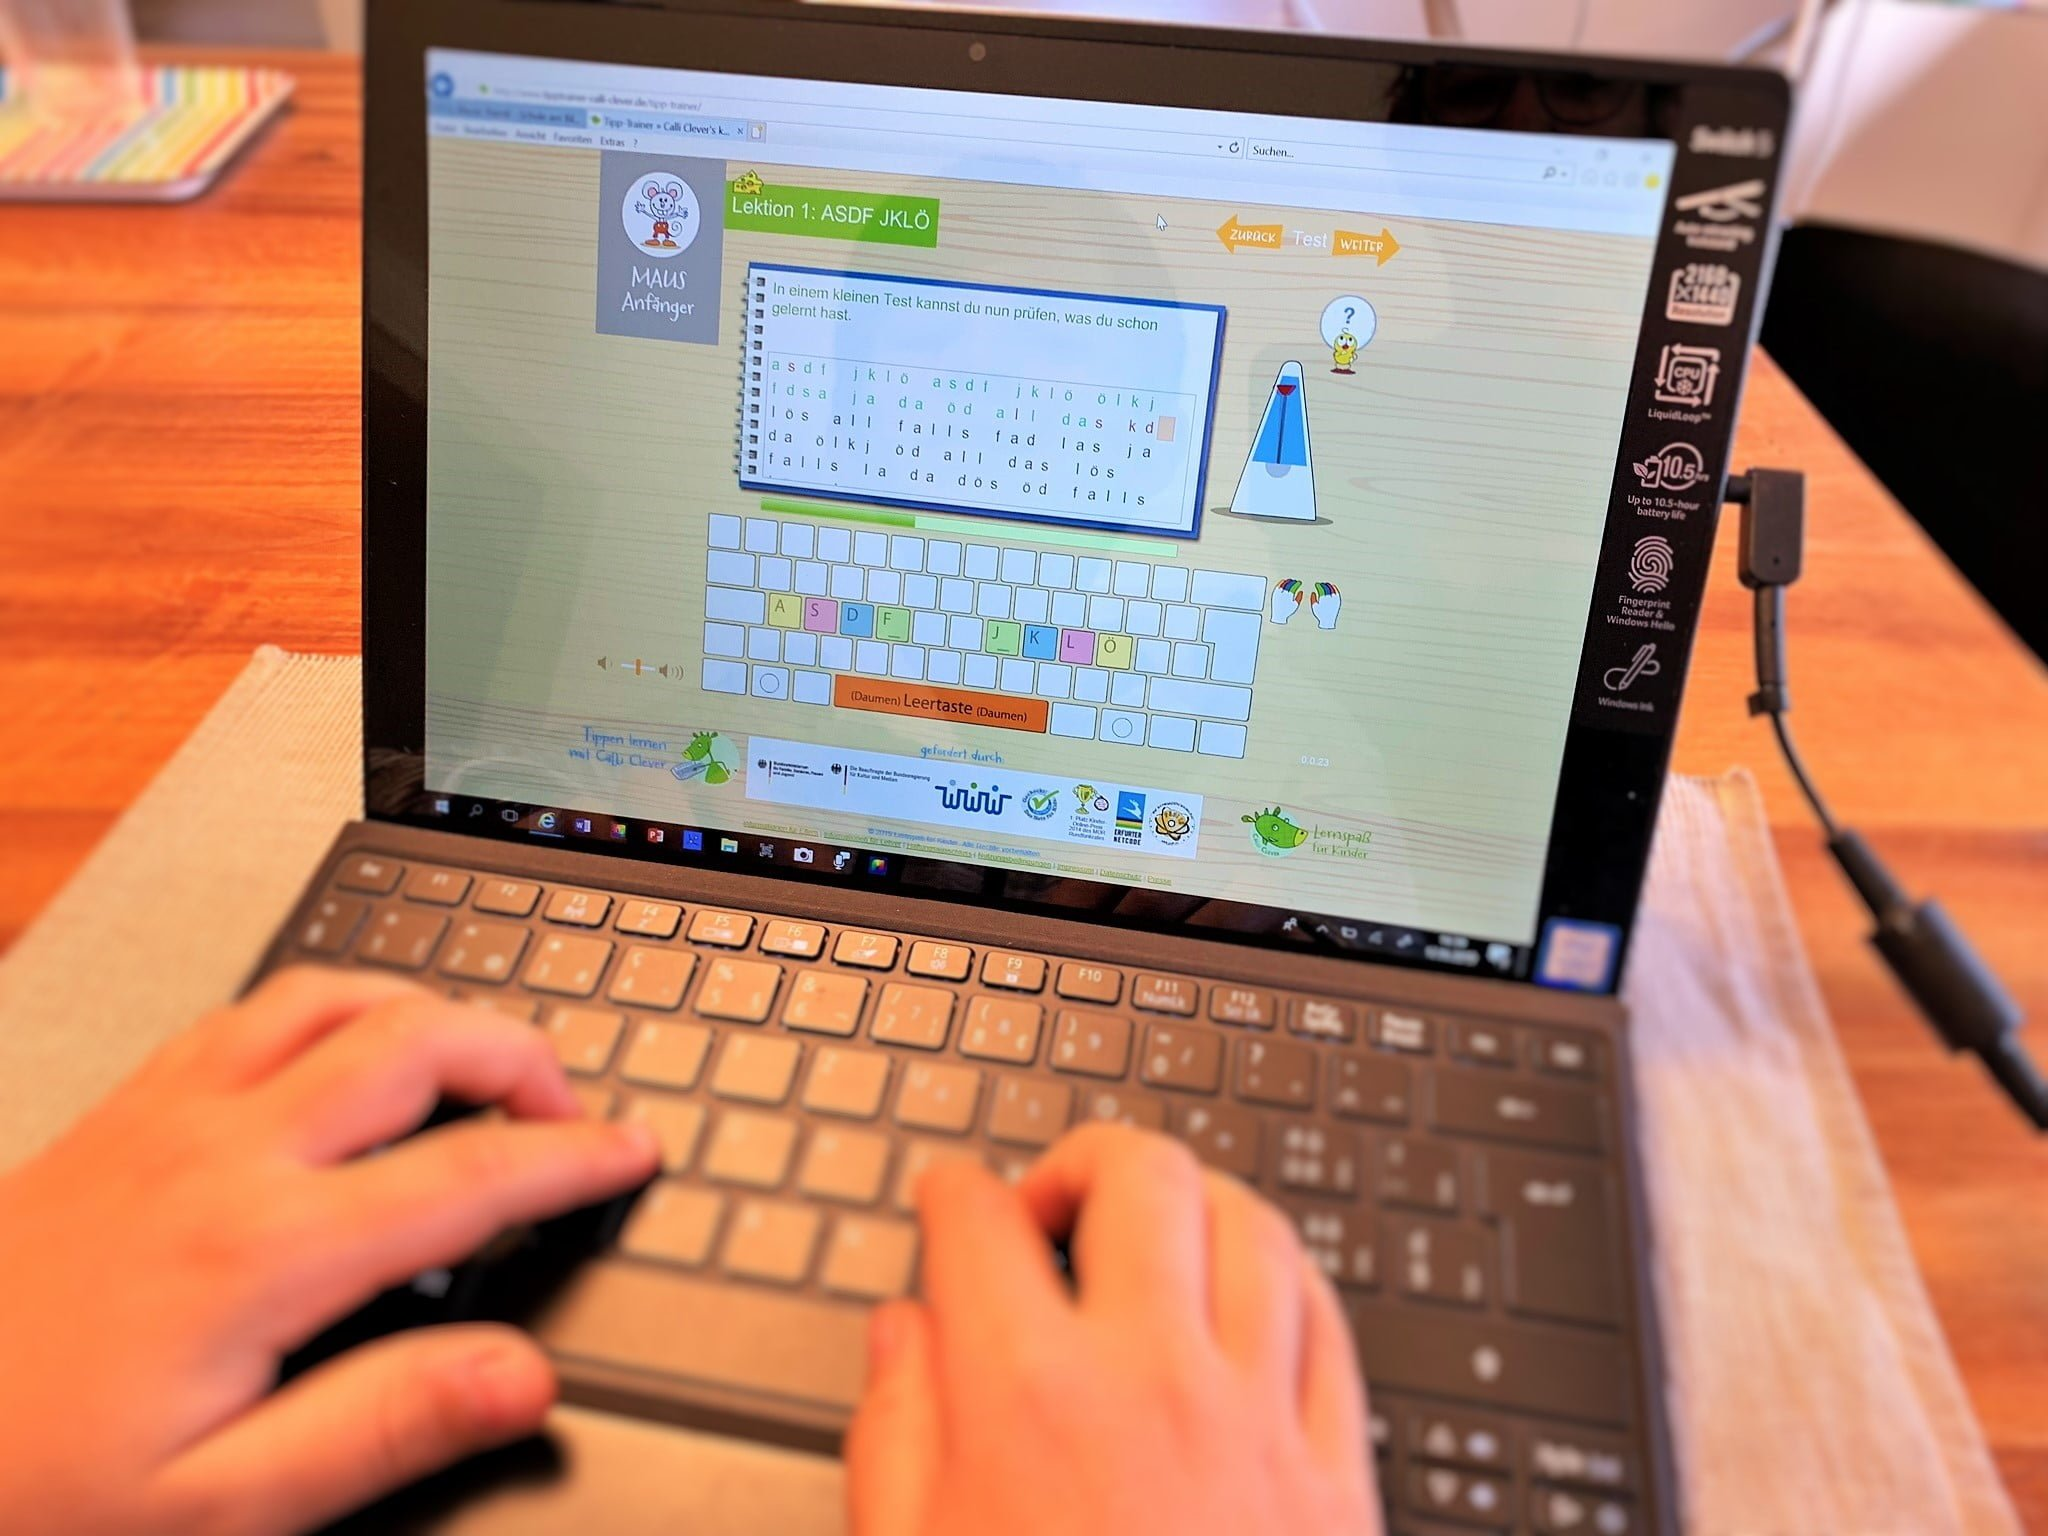 So lernen Kinder heute Tastaturschreiben auf dem Tablet